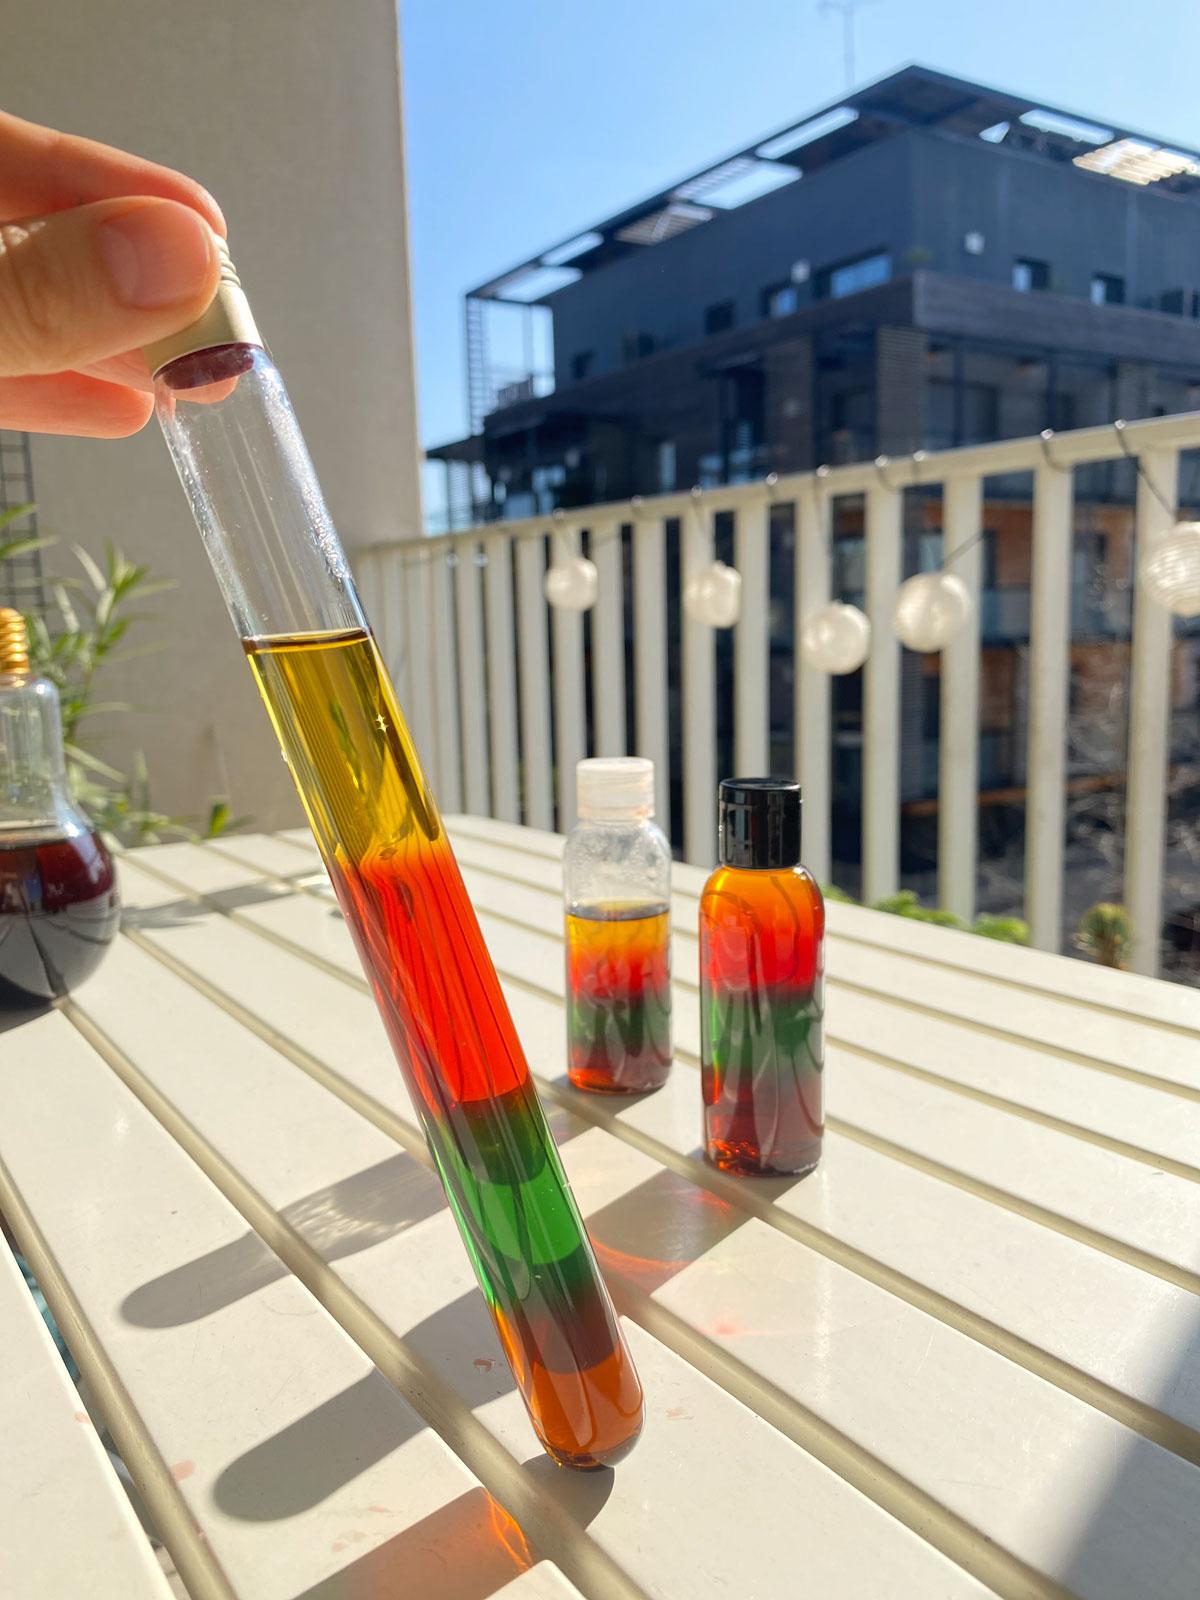 Idée d'activité à faire avec les enfants en période de confinement, les bouteilles arc-en-ciel